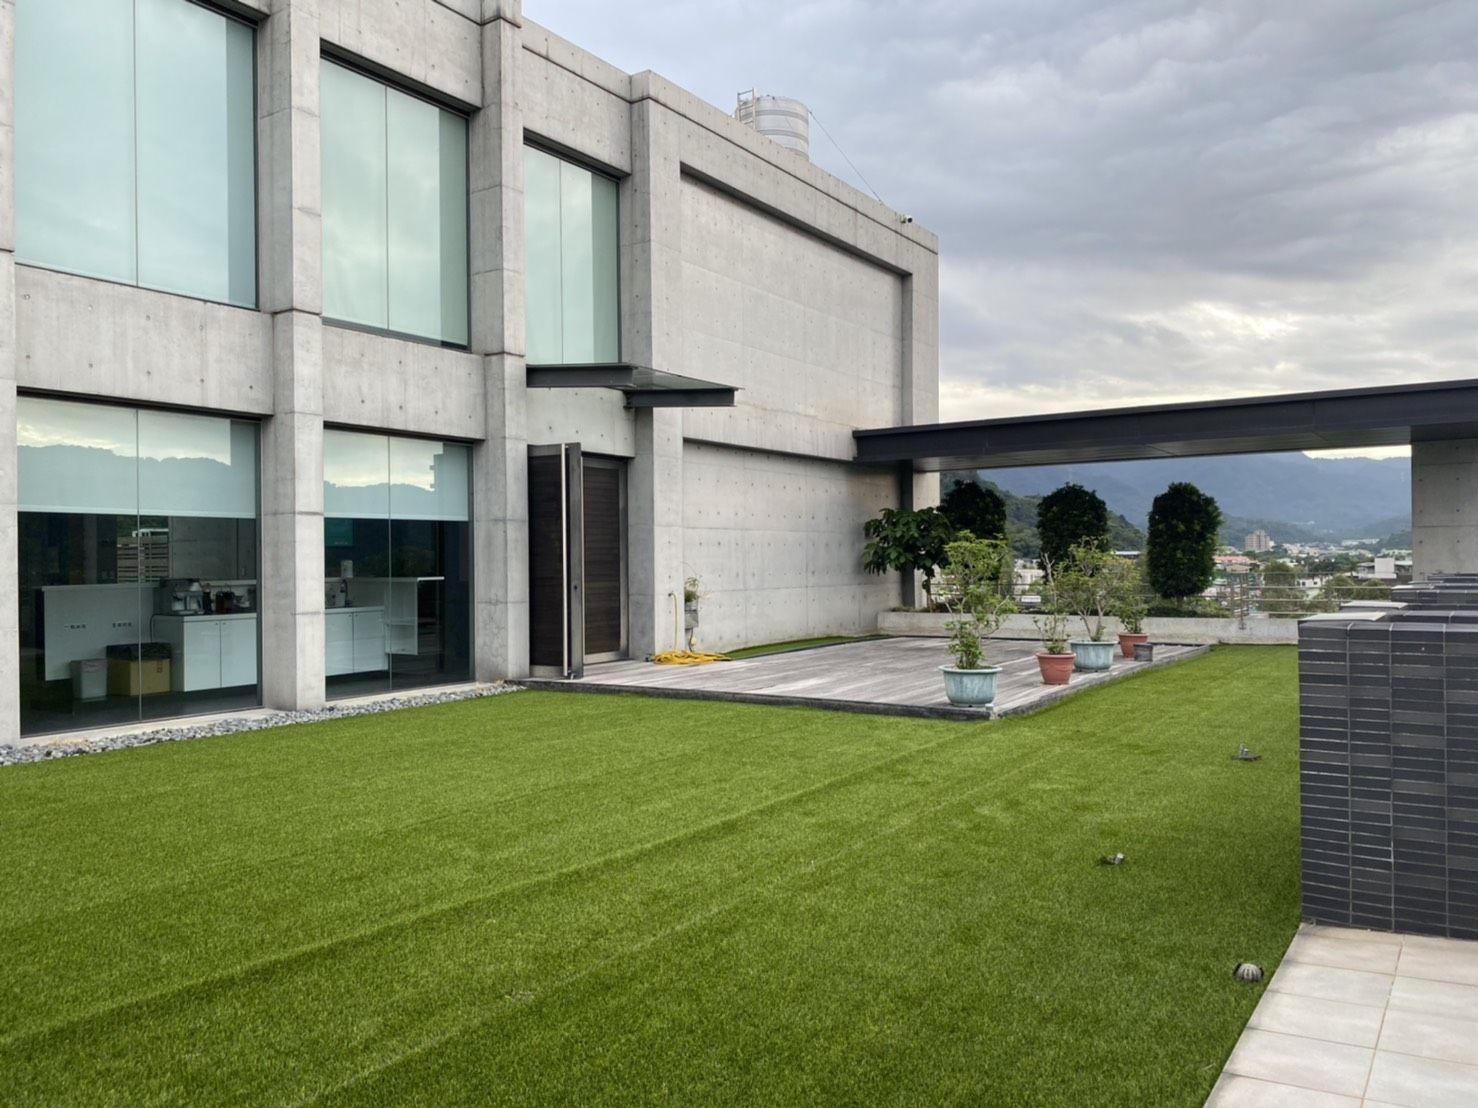 人工芝- 屋内と屋外の造園を提供するために     、使いやすい優れた排水機能!!